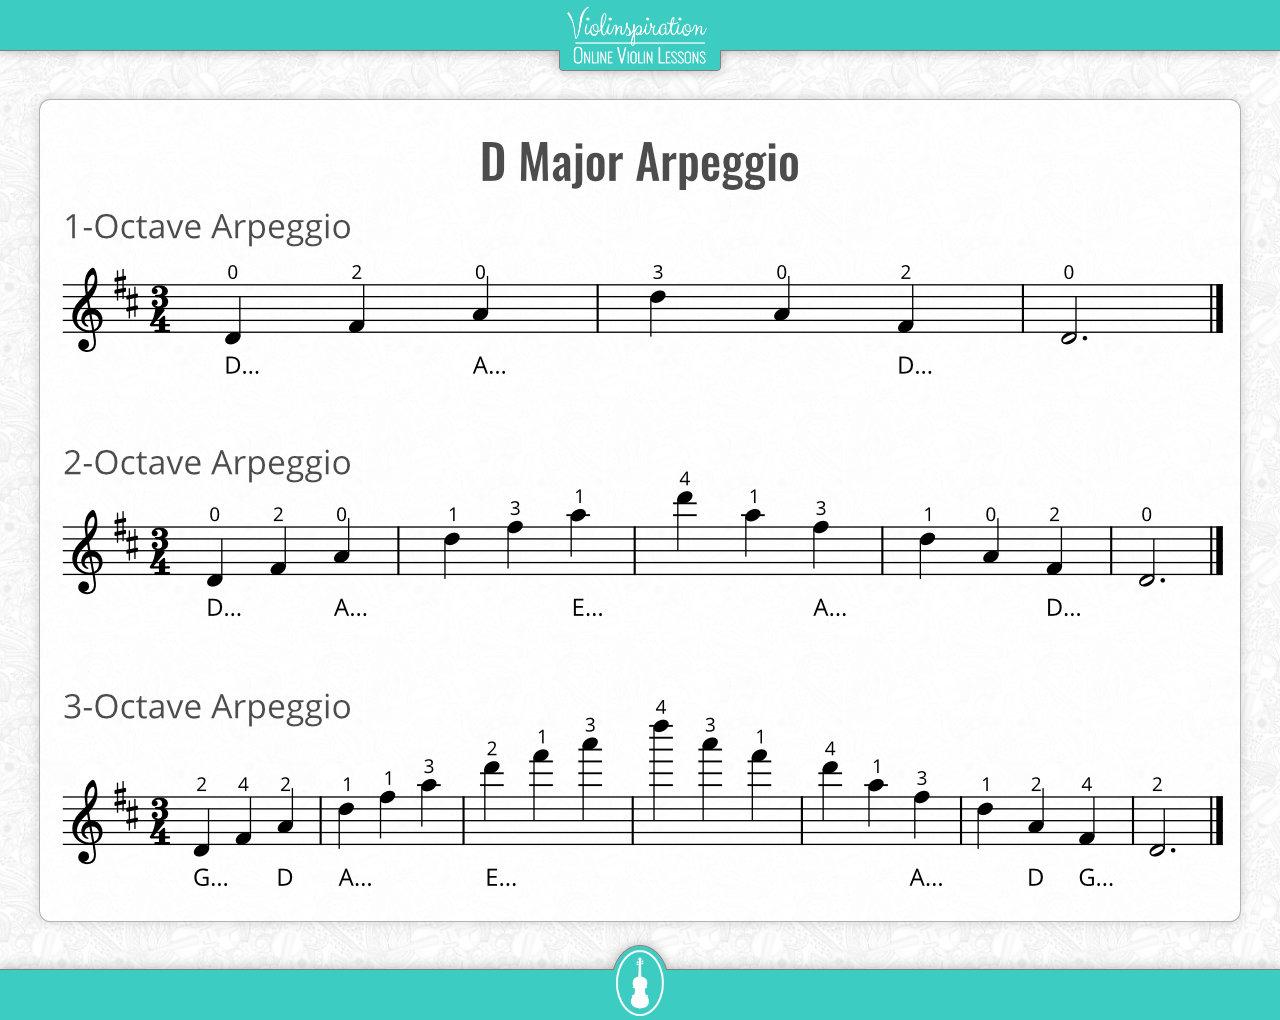 Violin Scales - D Major Scale - Arpeggio